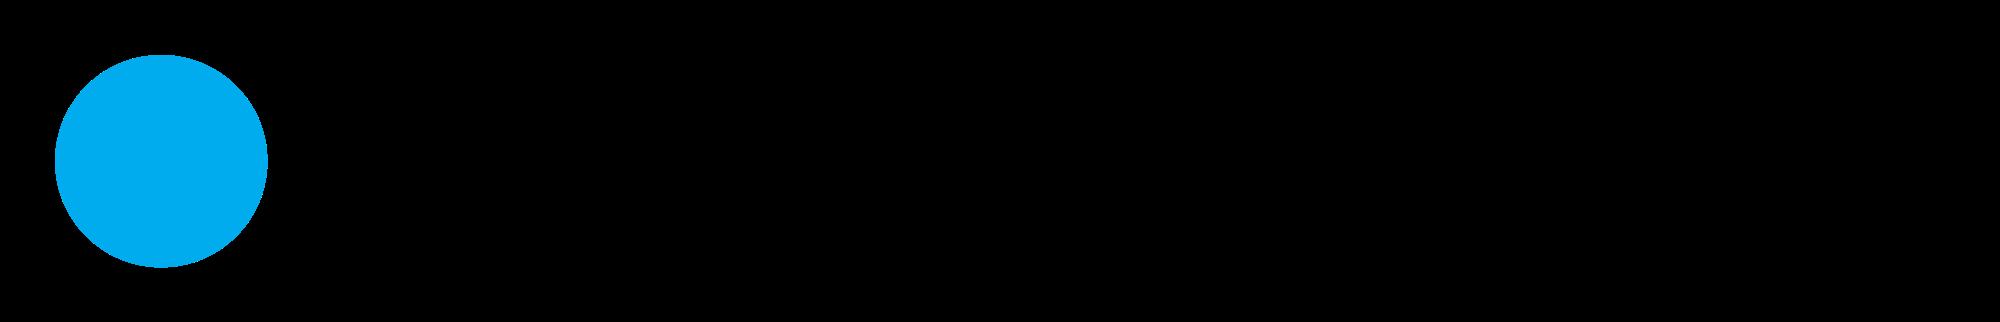 Blaupunkt